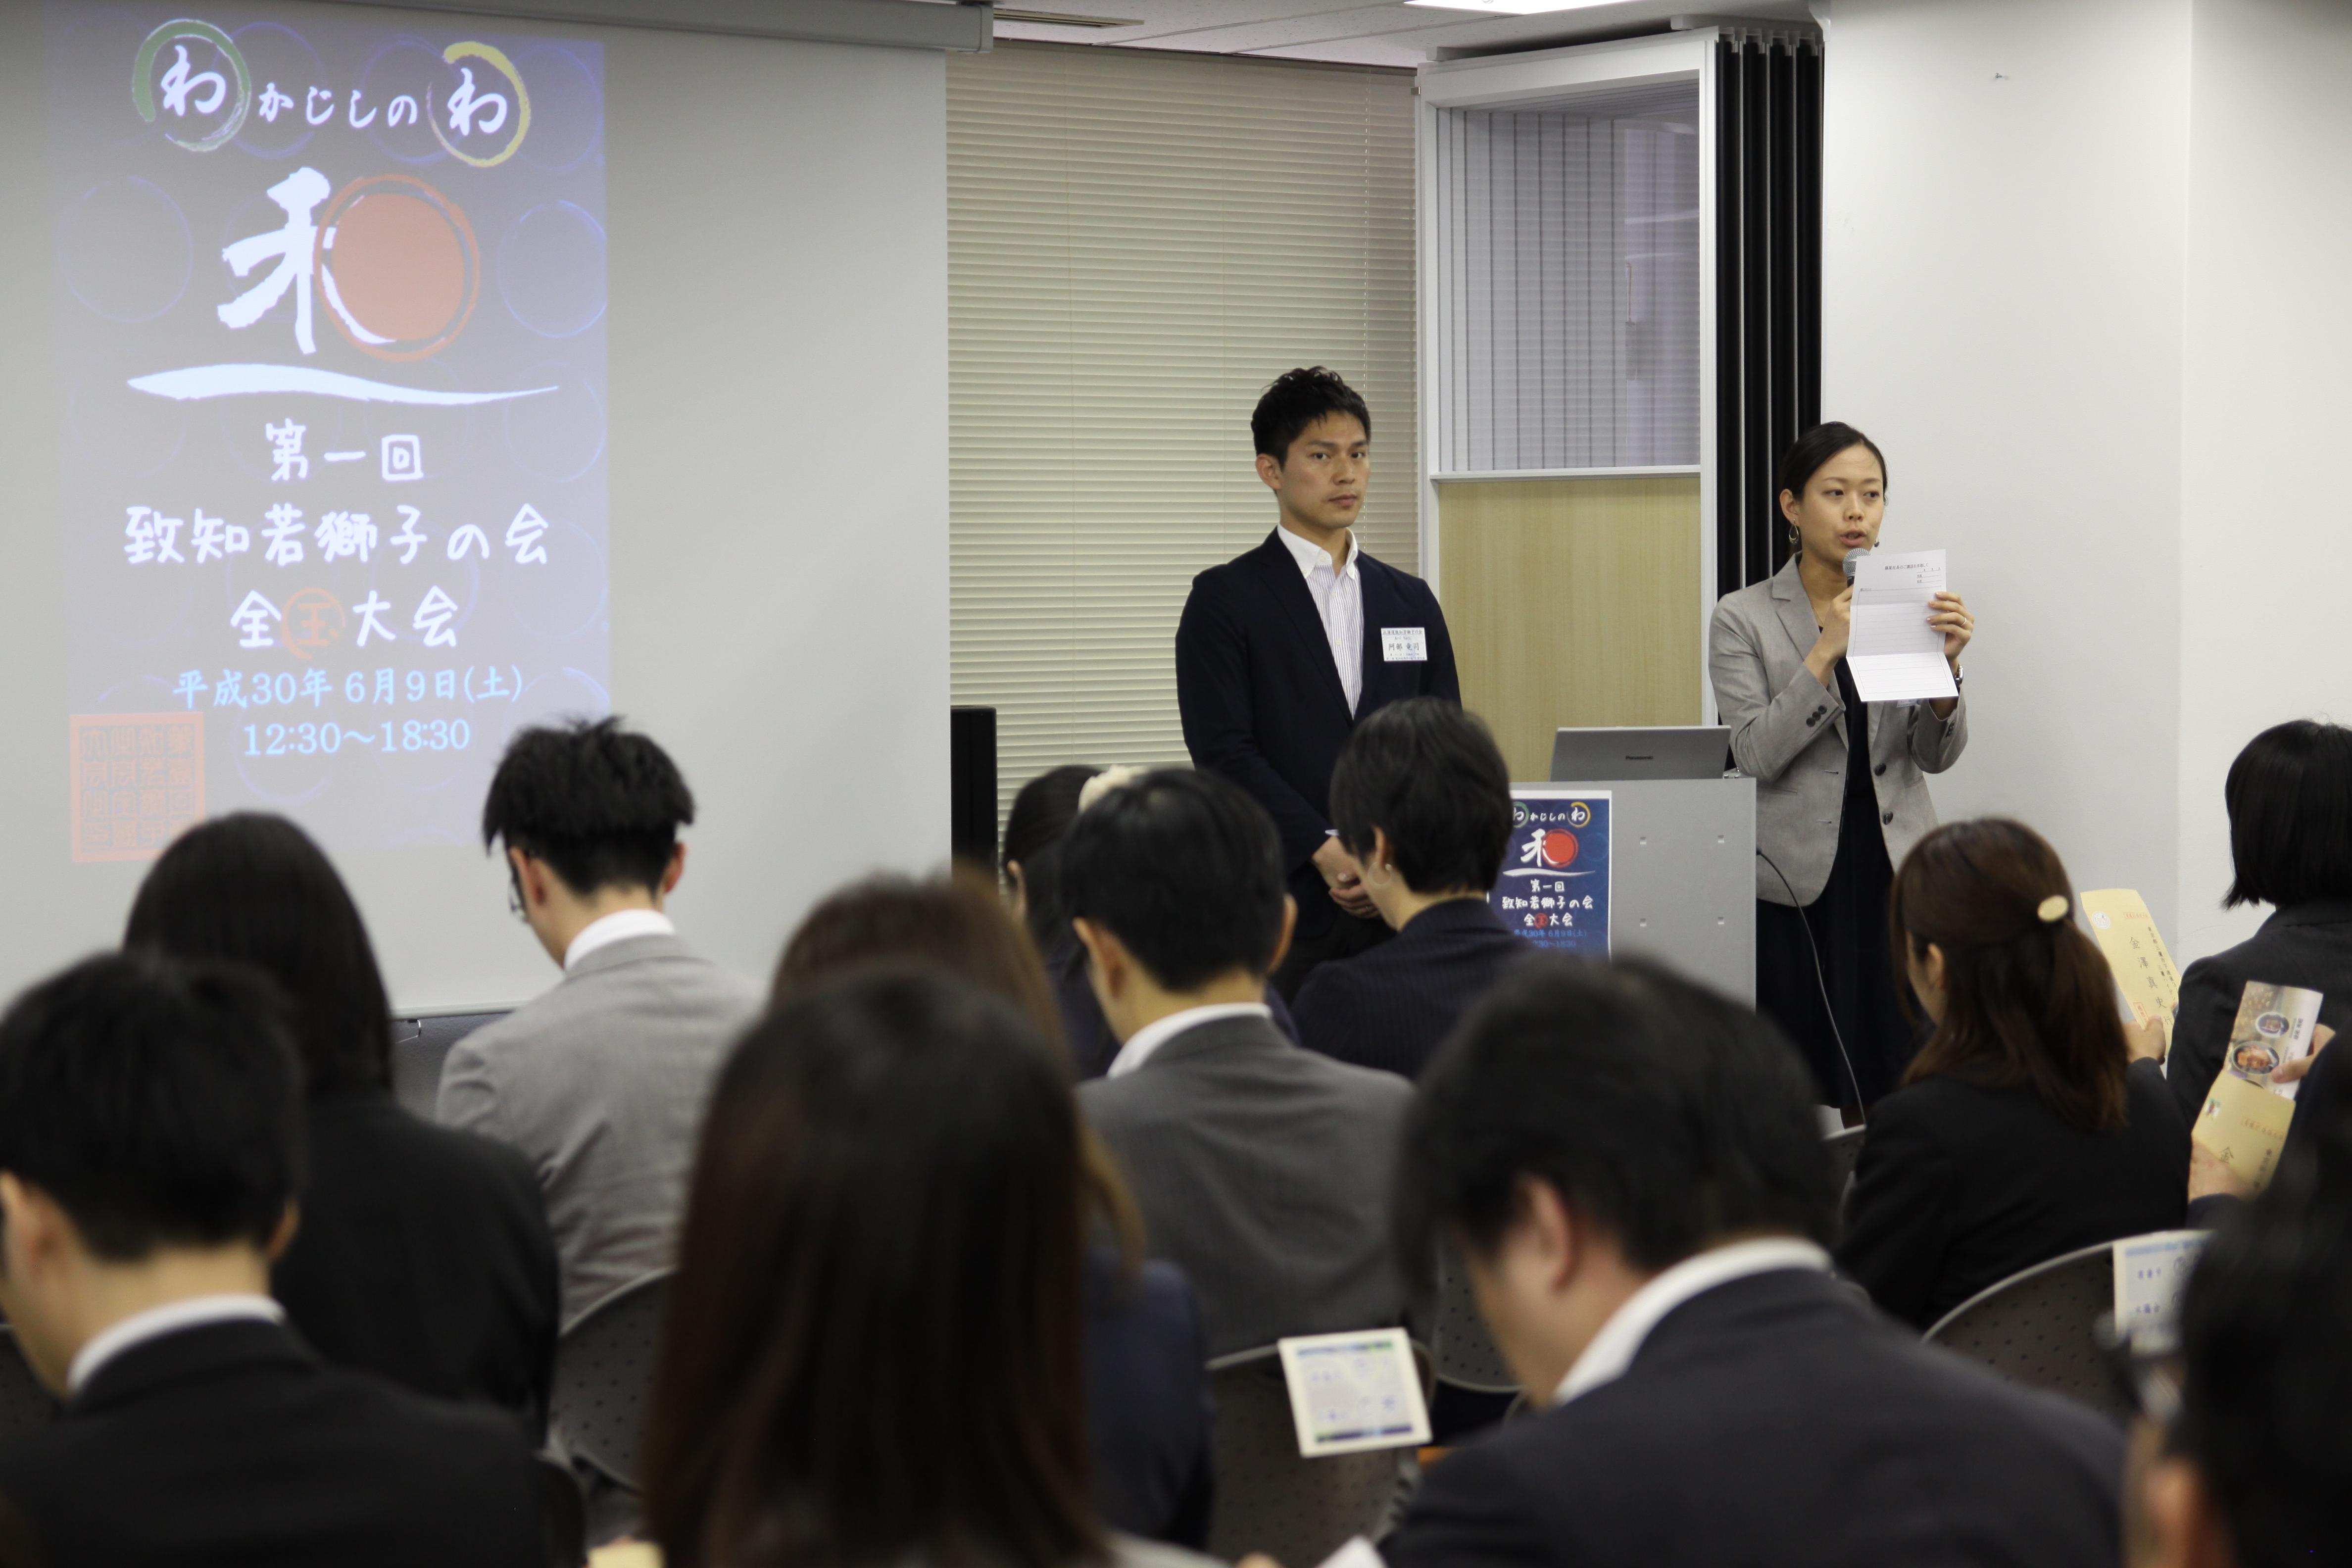 IMG 4515 - 関東若獅子の会、記念すべき第100回